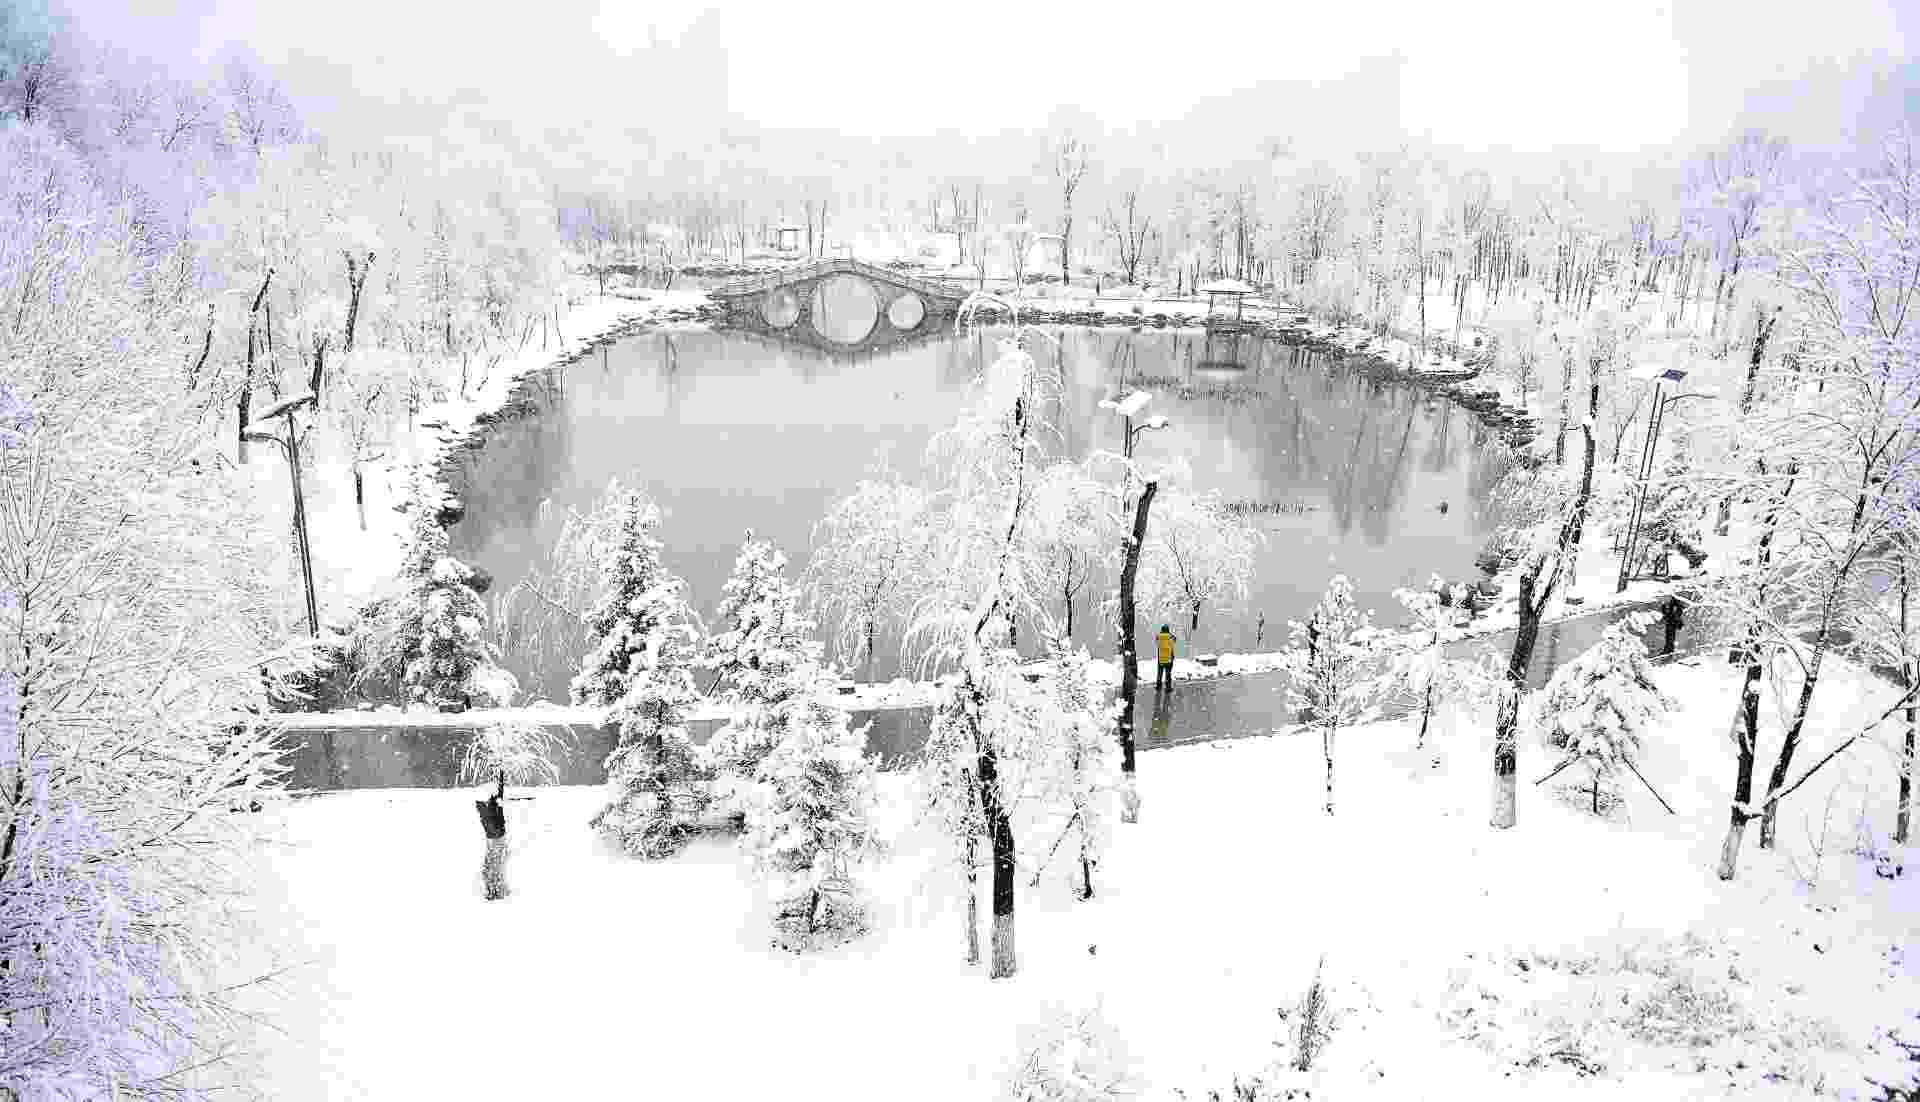 24.mar.2016 - Parque amanhece coberto de neve em Xining, no noroeste da China. Uma forte nevasca atingiu grande parte da província de Qinghai, onde está localizada a cidade, durante esta madrugada - undefined